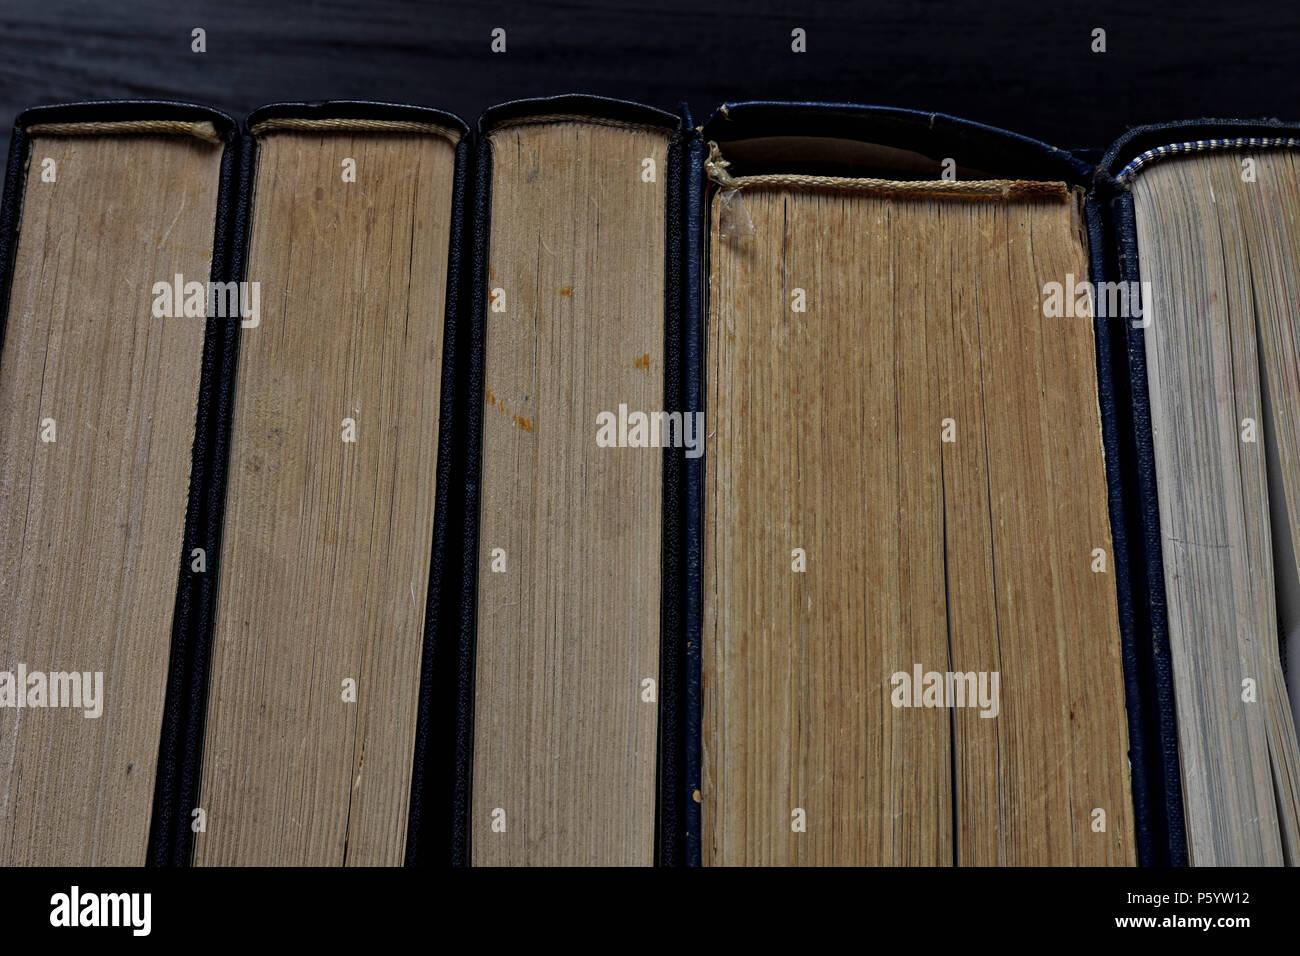 Pila di vecchi libri polverosi visto dall'alto Immagini Stock